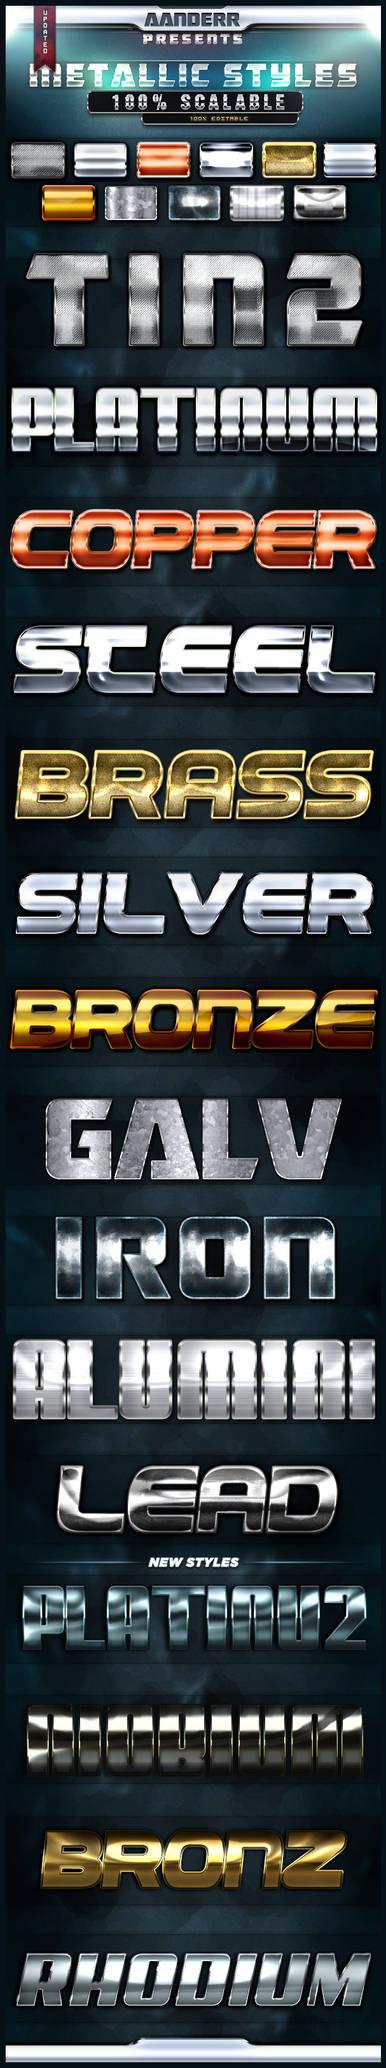 (FREE) Photoshop Metallic Styles by aanderr